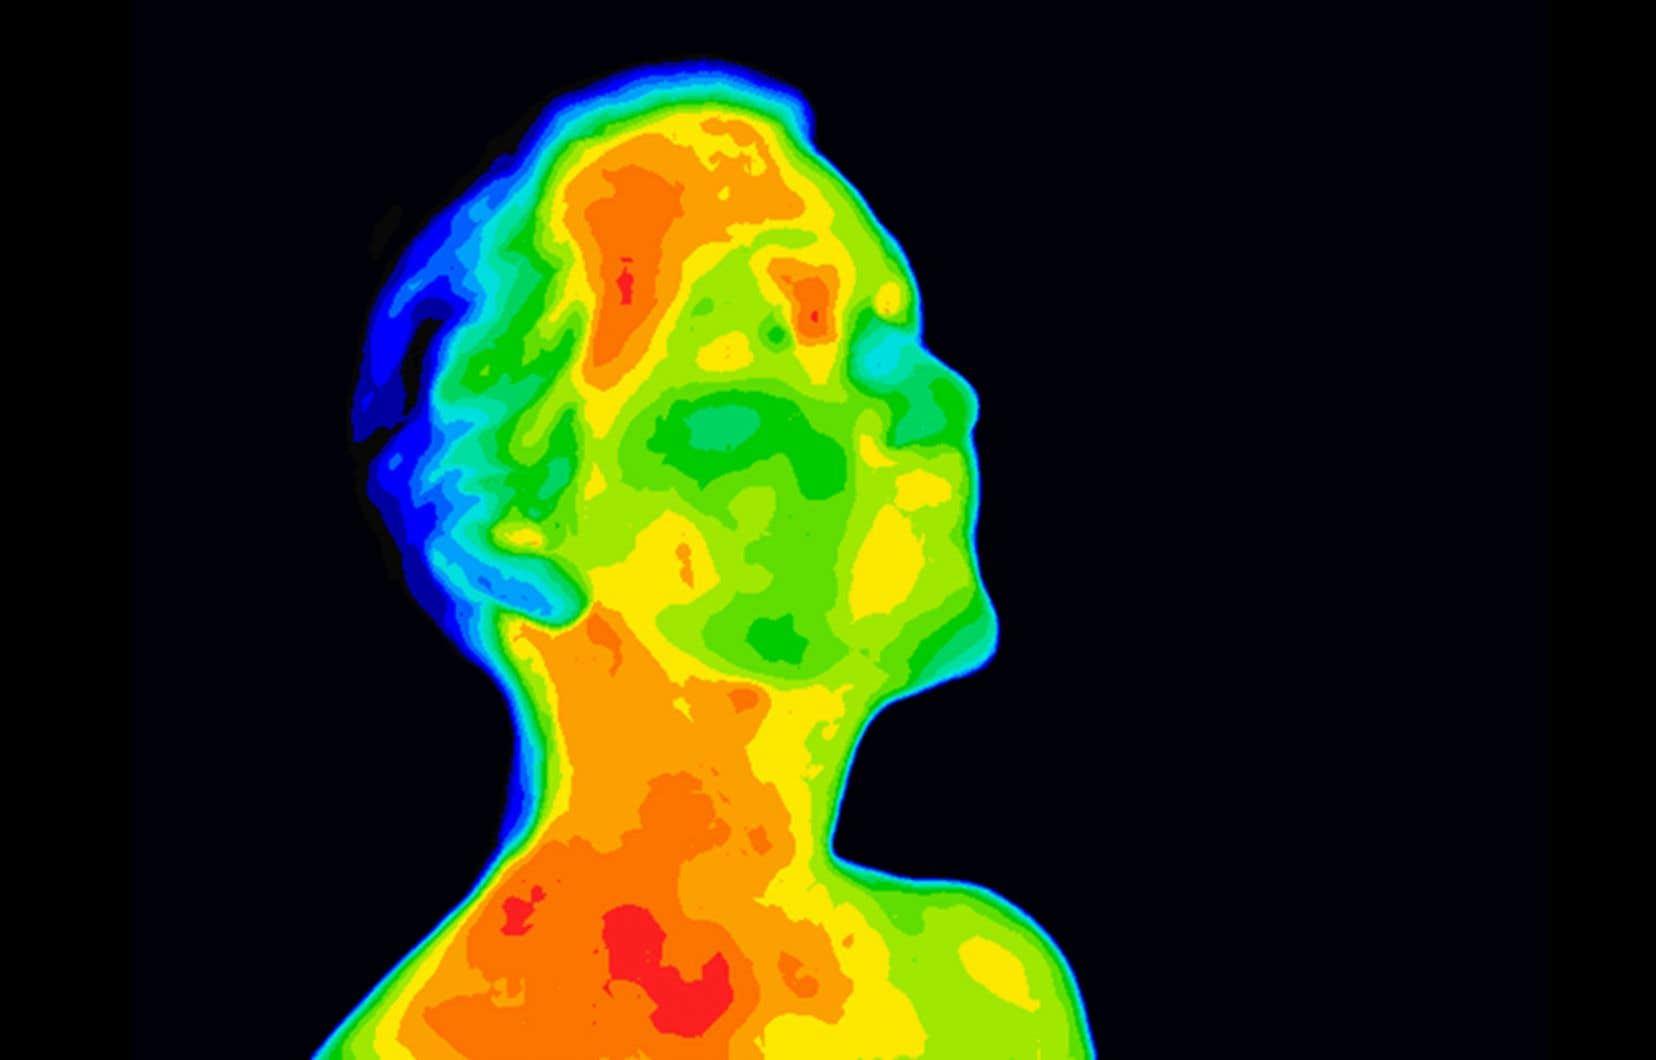 La température corporelle des humains a baissé grâce à l'amélioration de leurs conditions de vie, avance une équipe de chercheurs.